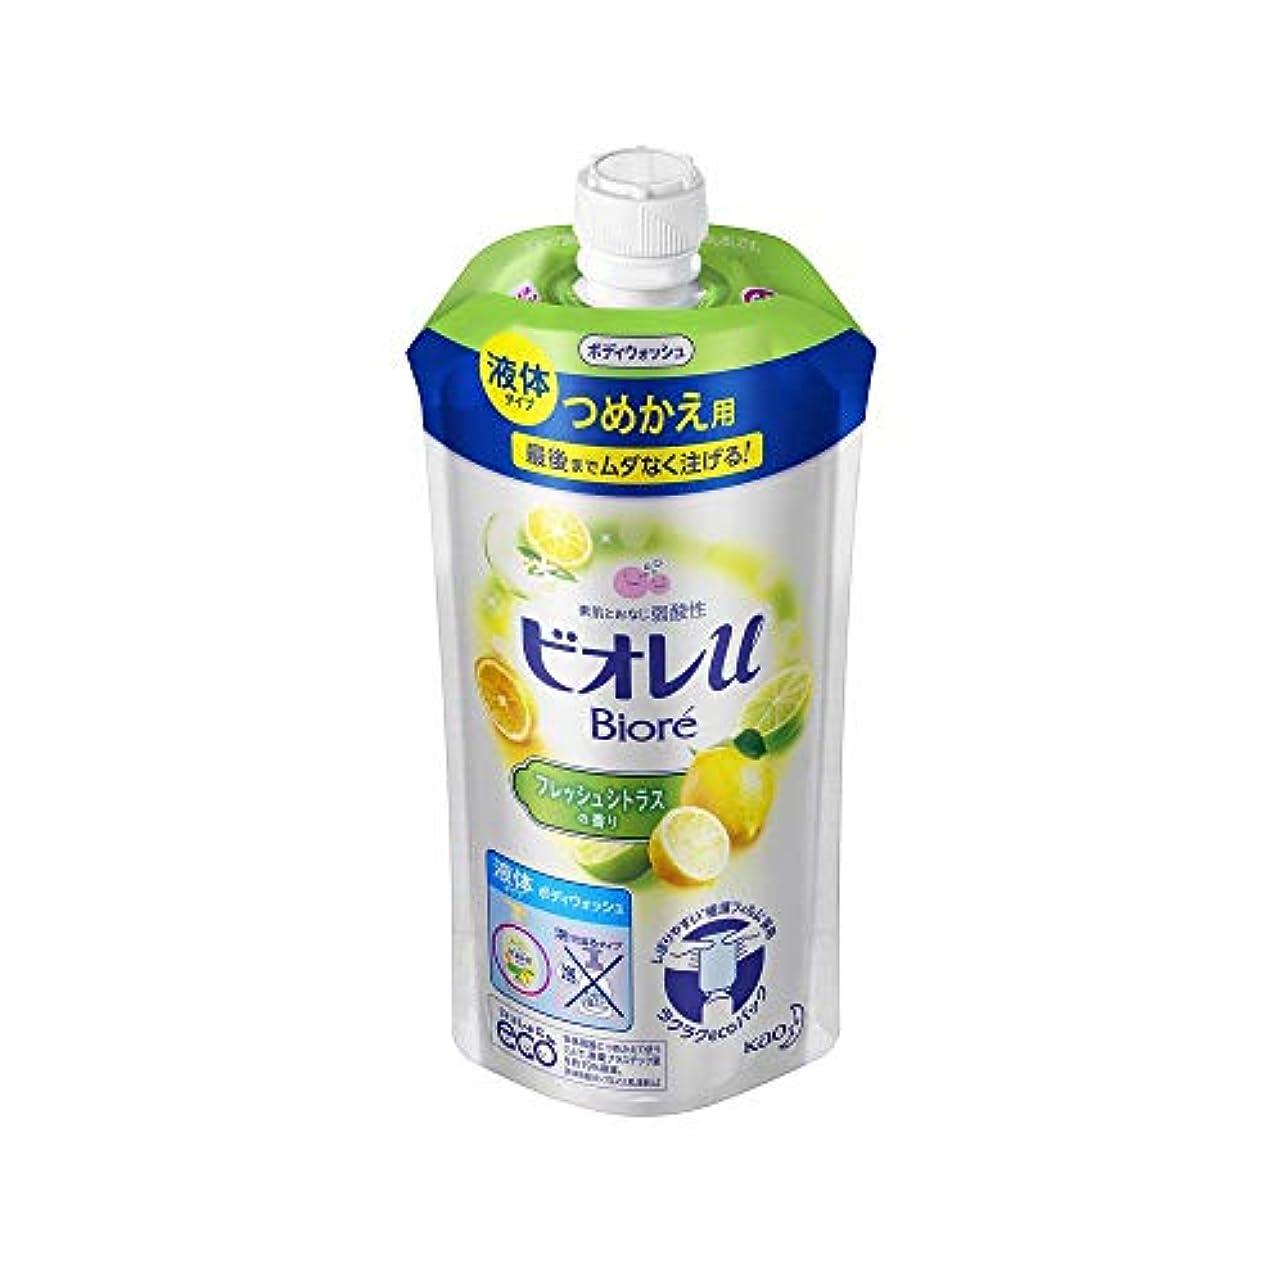 モバイル平衡銀花王 ビオレu フレッシュシトラスの香りつめかえ用 340ML